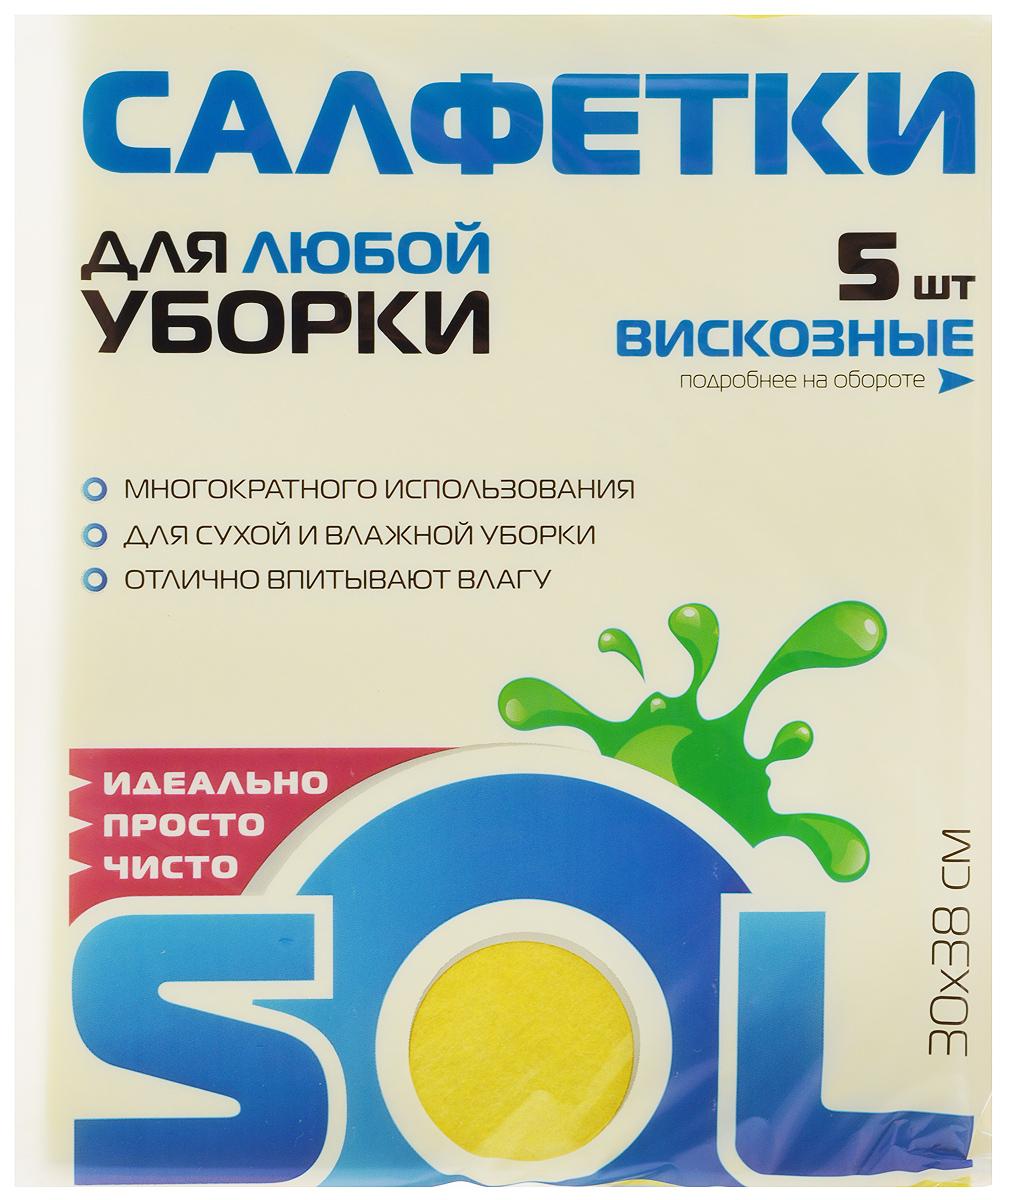 Салфетка для уборки Sol из вискозы, универсальная, цвет: желтый, 30 x 38 см, 5 шт10003/70010_желтыйСалфетки для уборки Sol, выполненные из вискозы и полиэстера, предназначены для уборки и могут применяться сразличными моющимисредствами. Эффективно впитывают жидкость. Мягкие и прочные, легкоотжимаются и быстро сохнут.Рекомендации по уходу: Для обеспечения гигиеничности уборки после применения прополоскать в теплойводе.Для продления срока службы не применять машинную стирку, не гладить и некипятить.